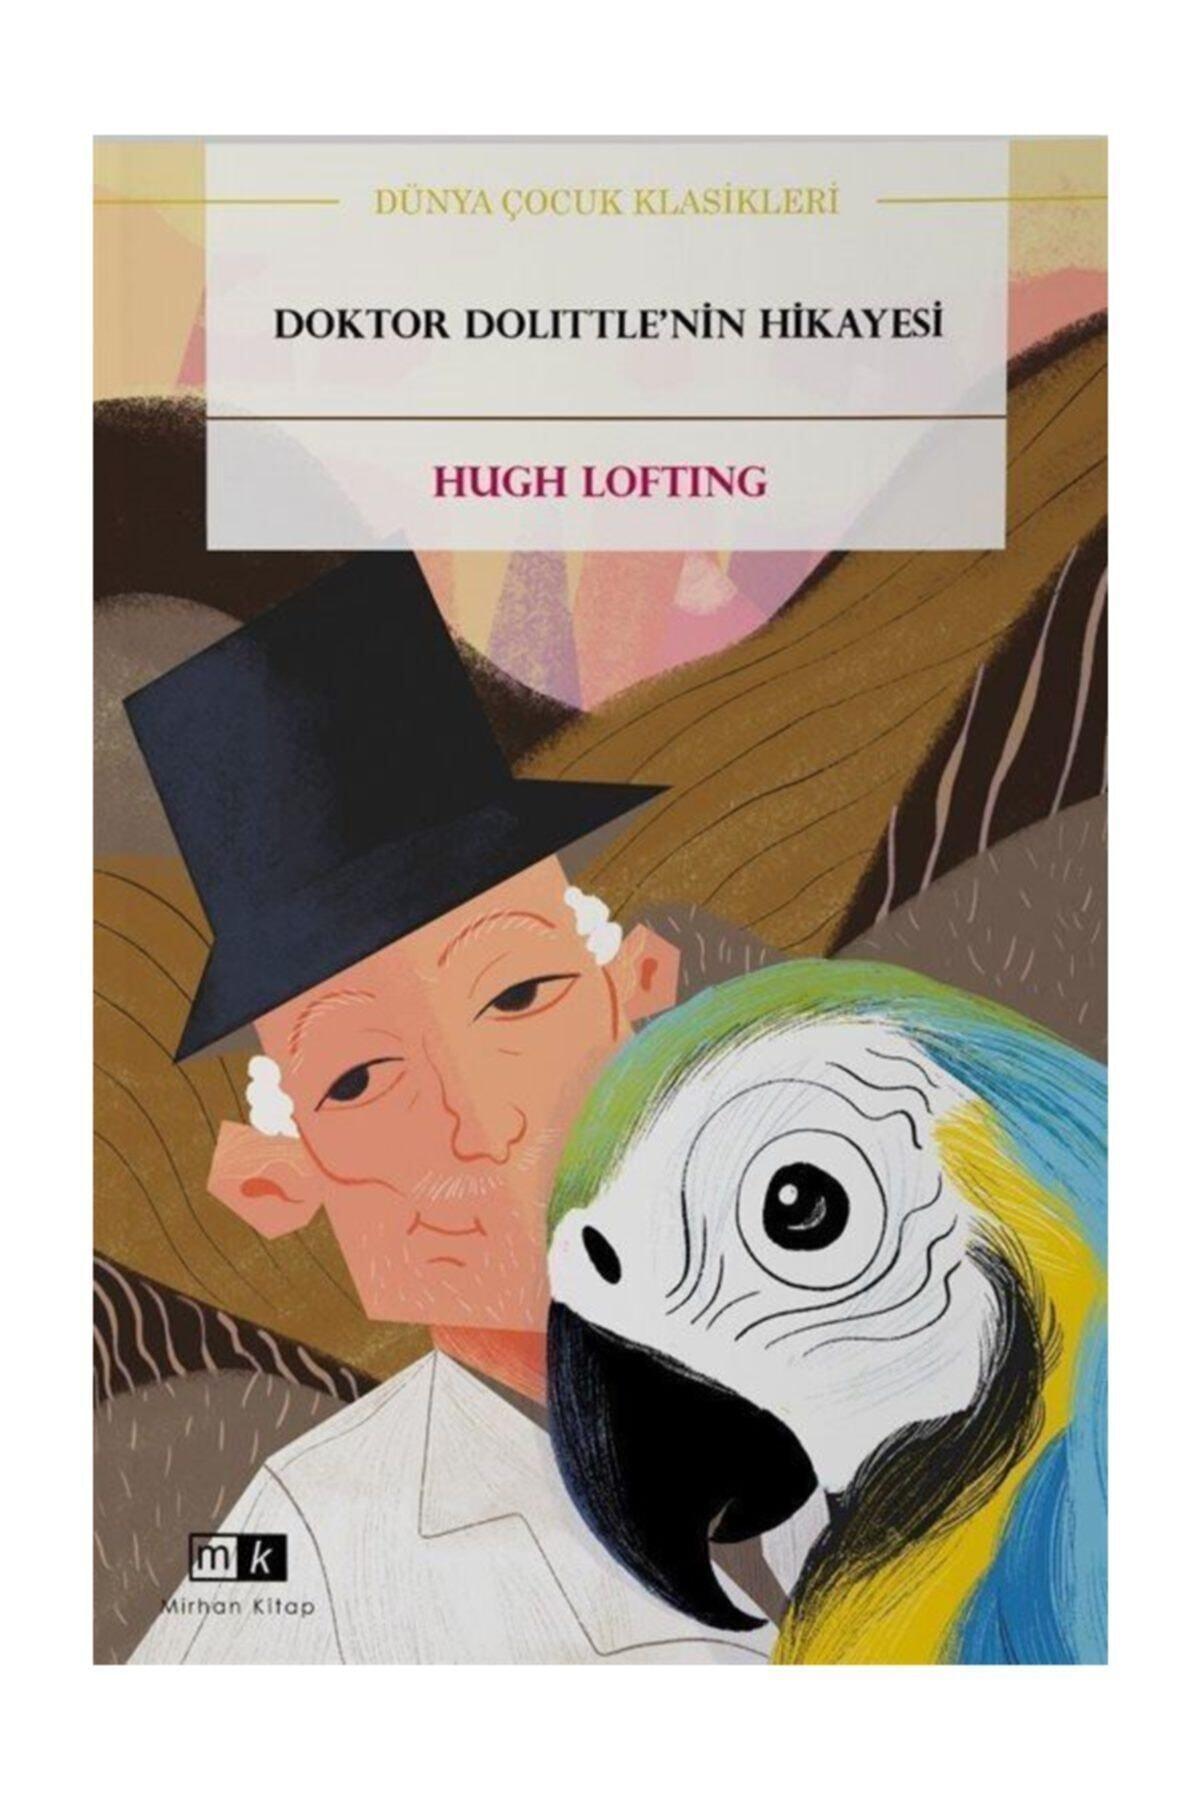 Mirhan Kitap Doktor Dolittle'nin Hikayesi 1